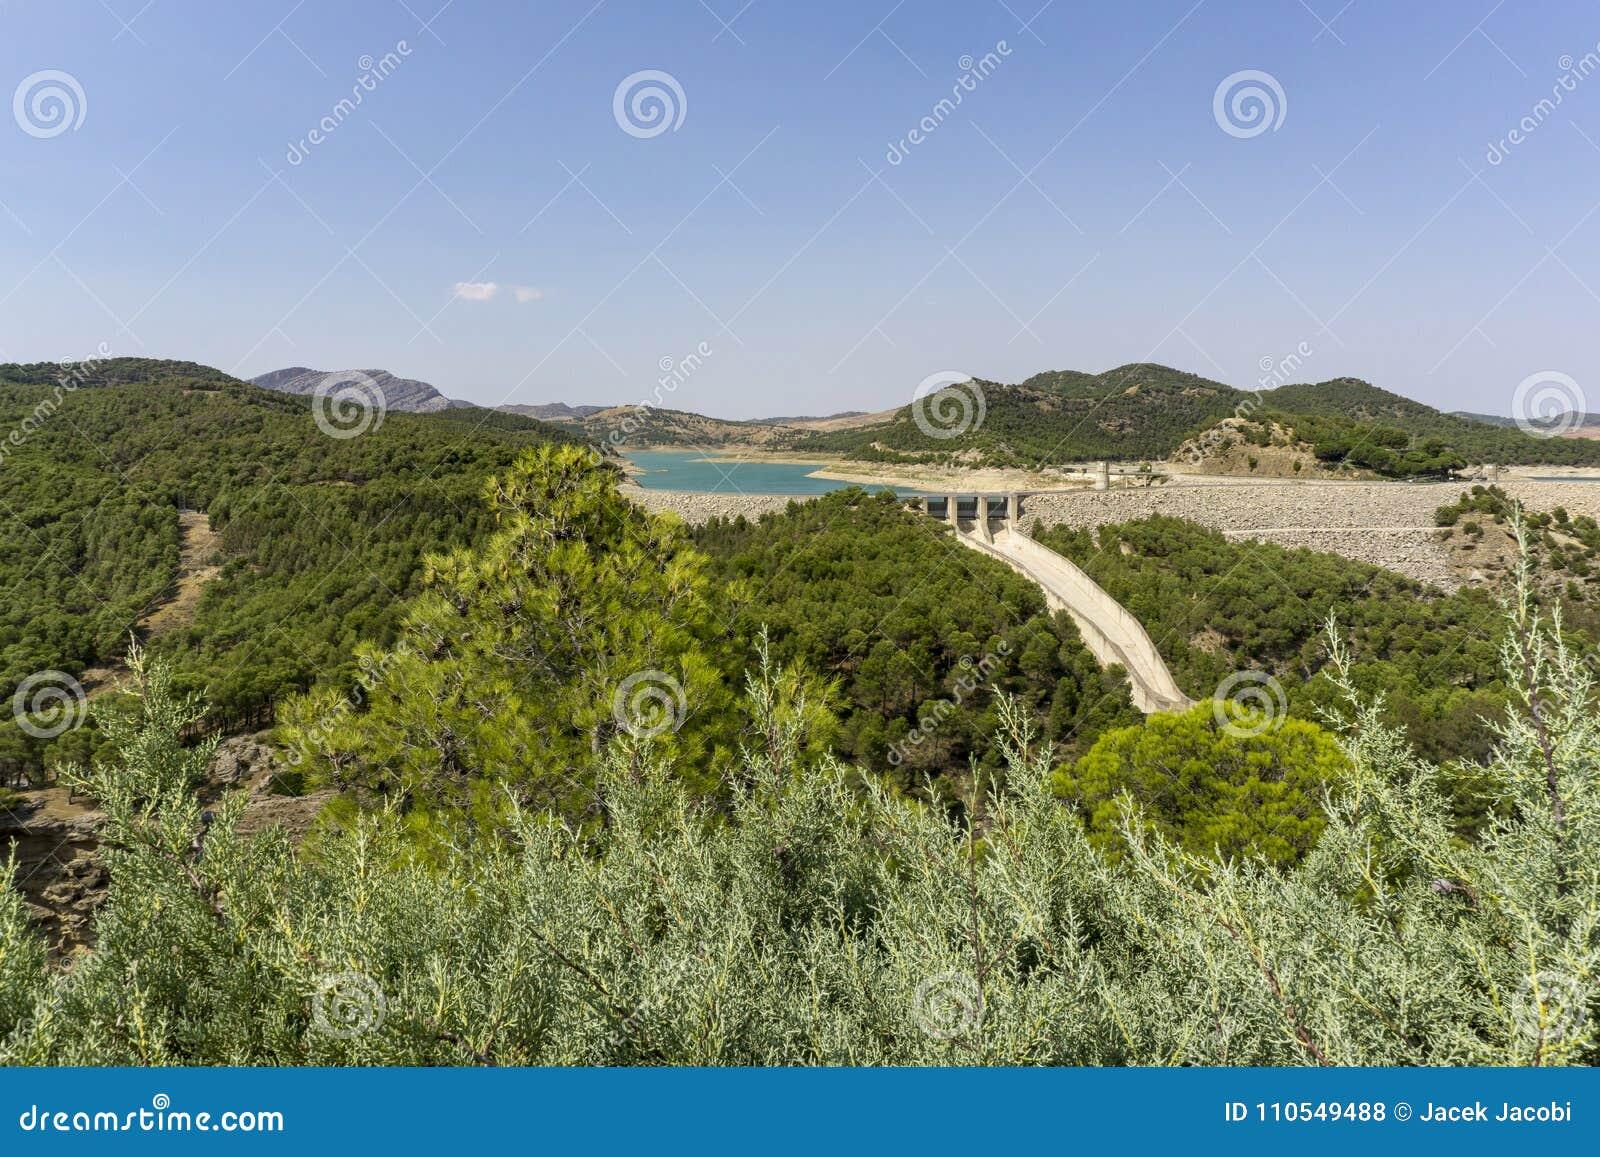 Chorro el Провинция Малаги Испания